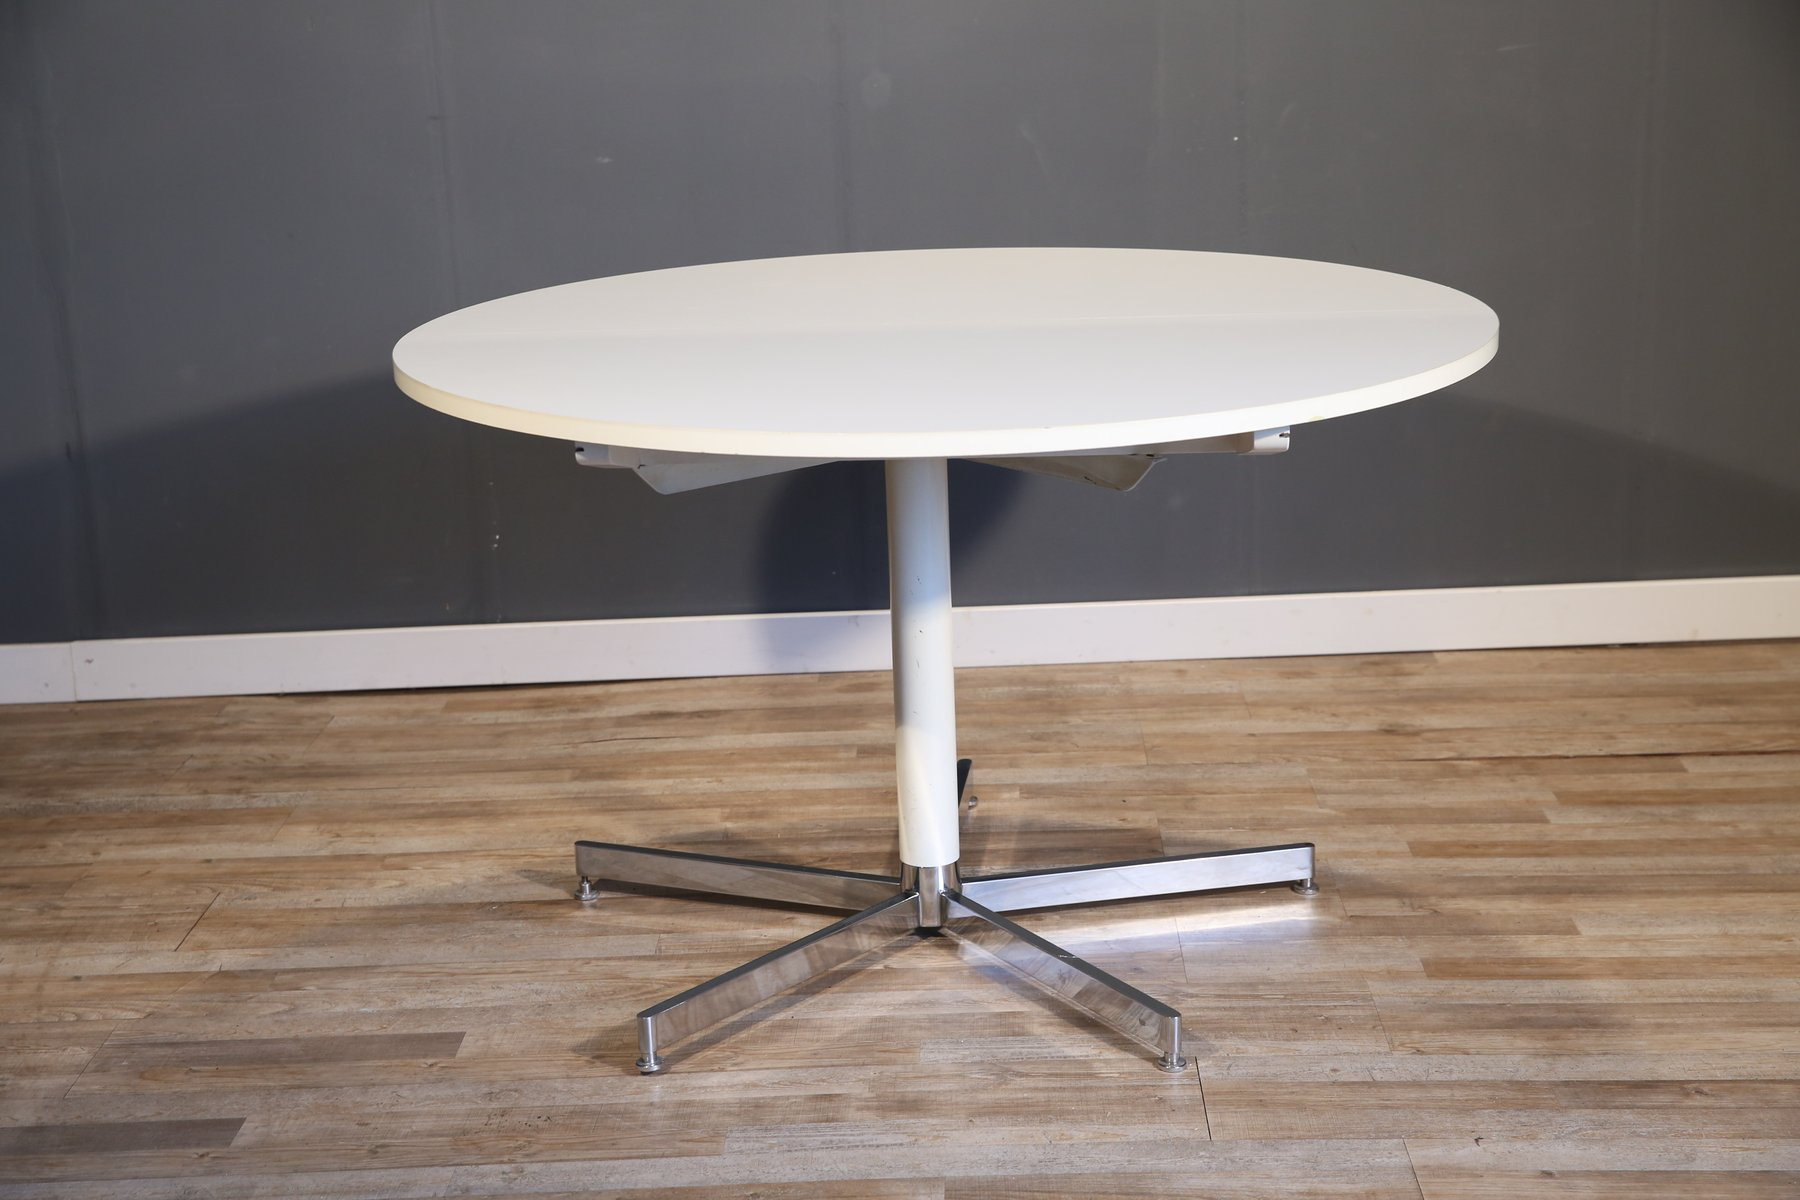 Tavolo da pranzo rotondo grande bianco di tecta anni 39 70 in vendita su pamono - Tavolo da pranzo grande fratello ...